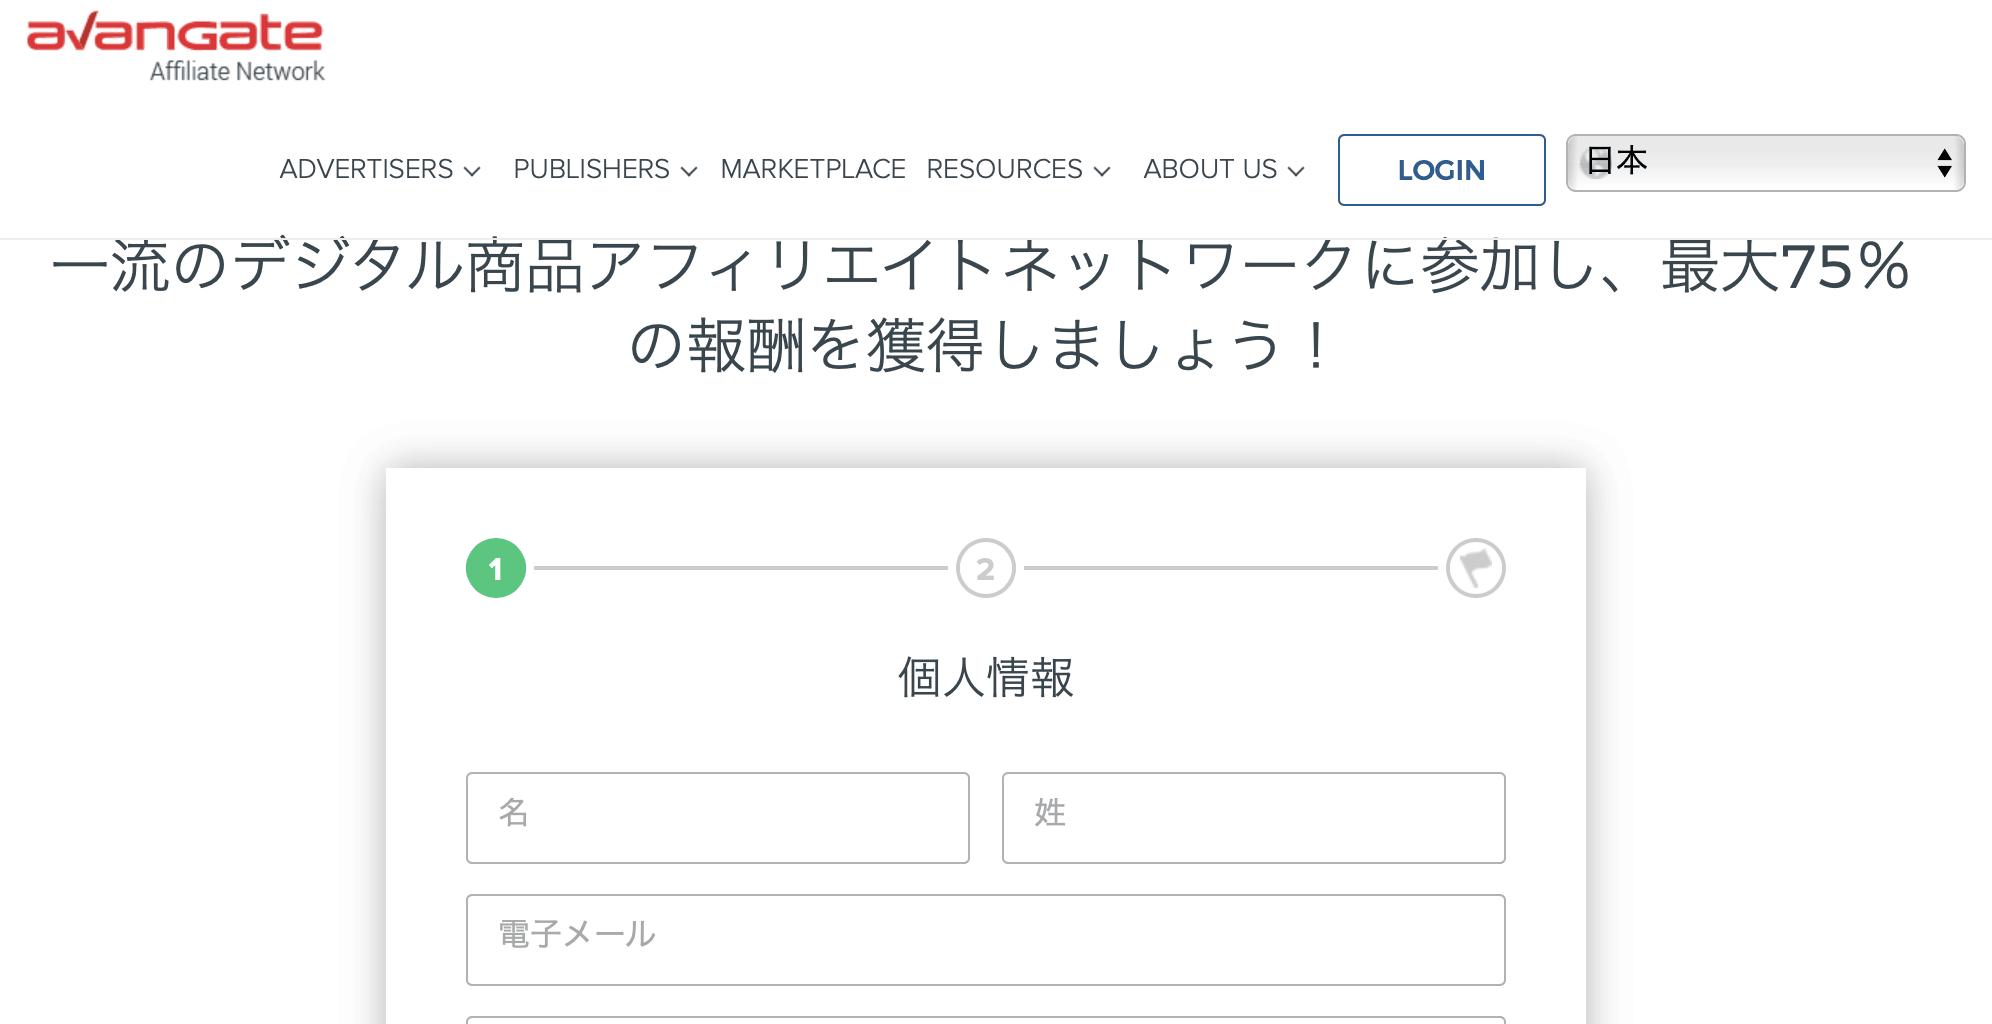 報告 avangate アカウント登録2